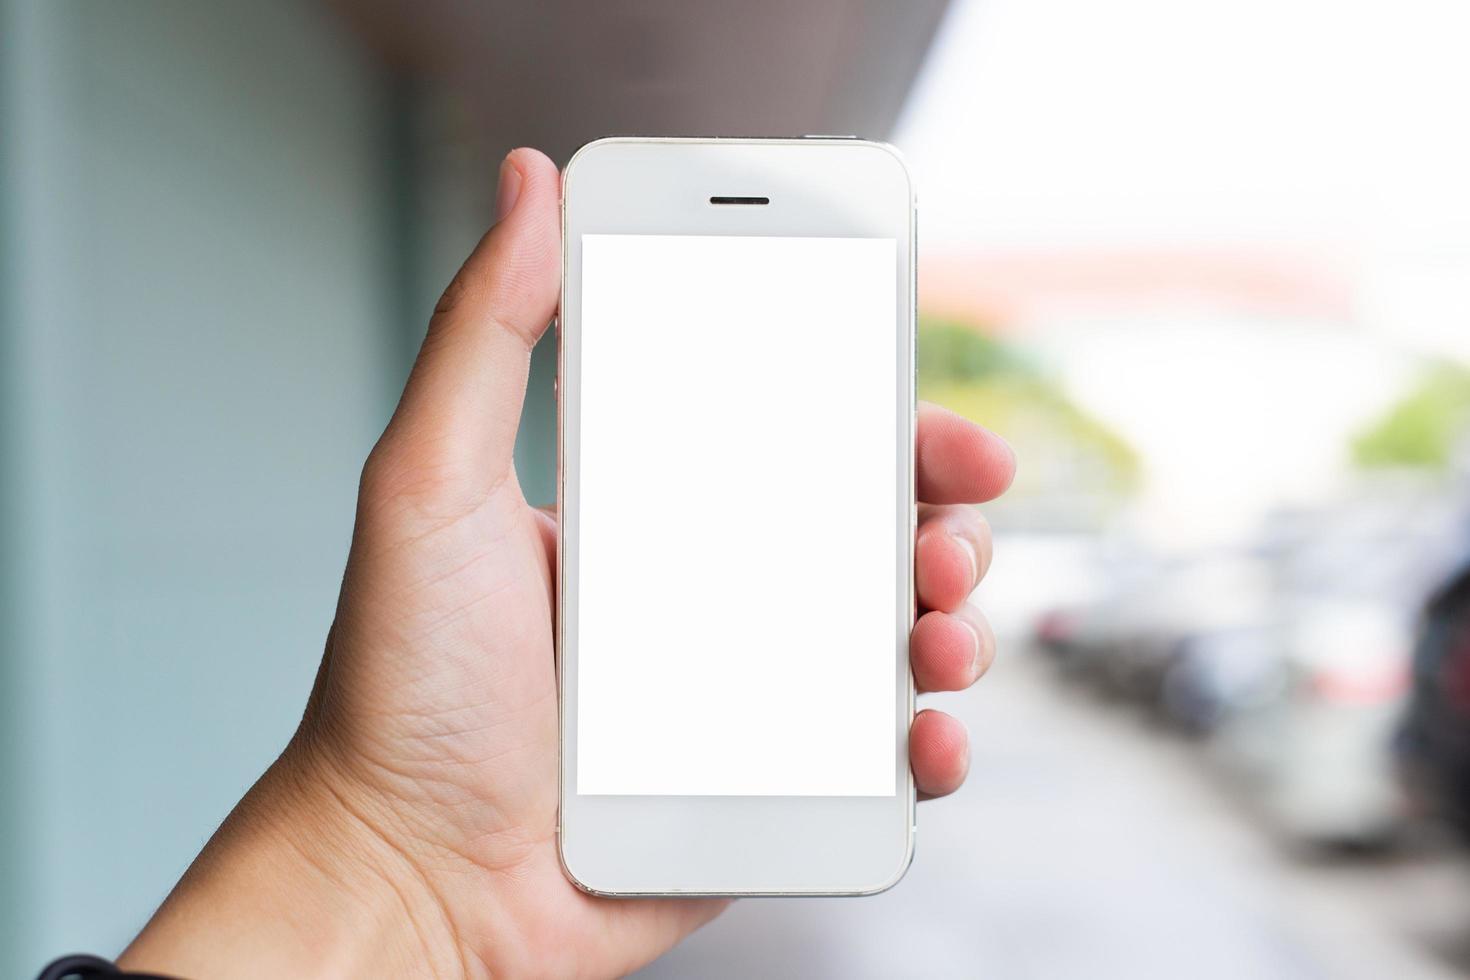 vue selfie de l'utilisation du téléphone portable photo